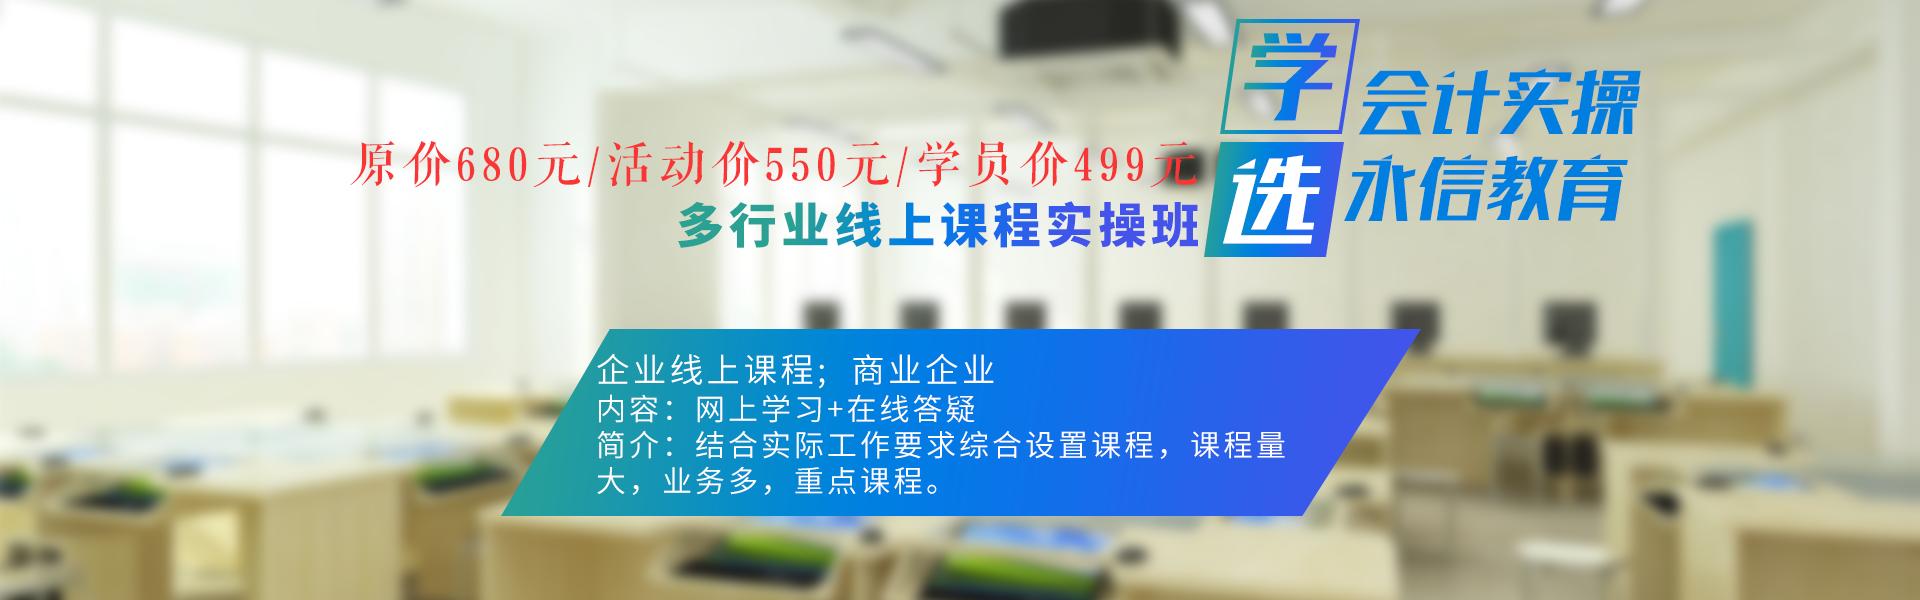 内页banner商业企业.png